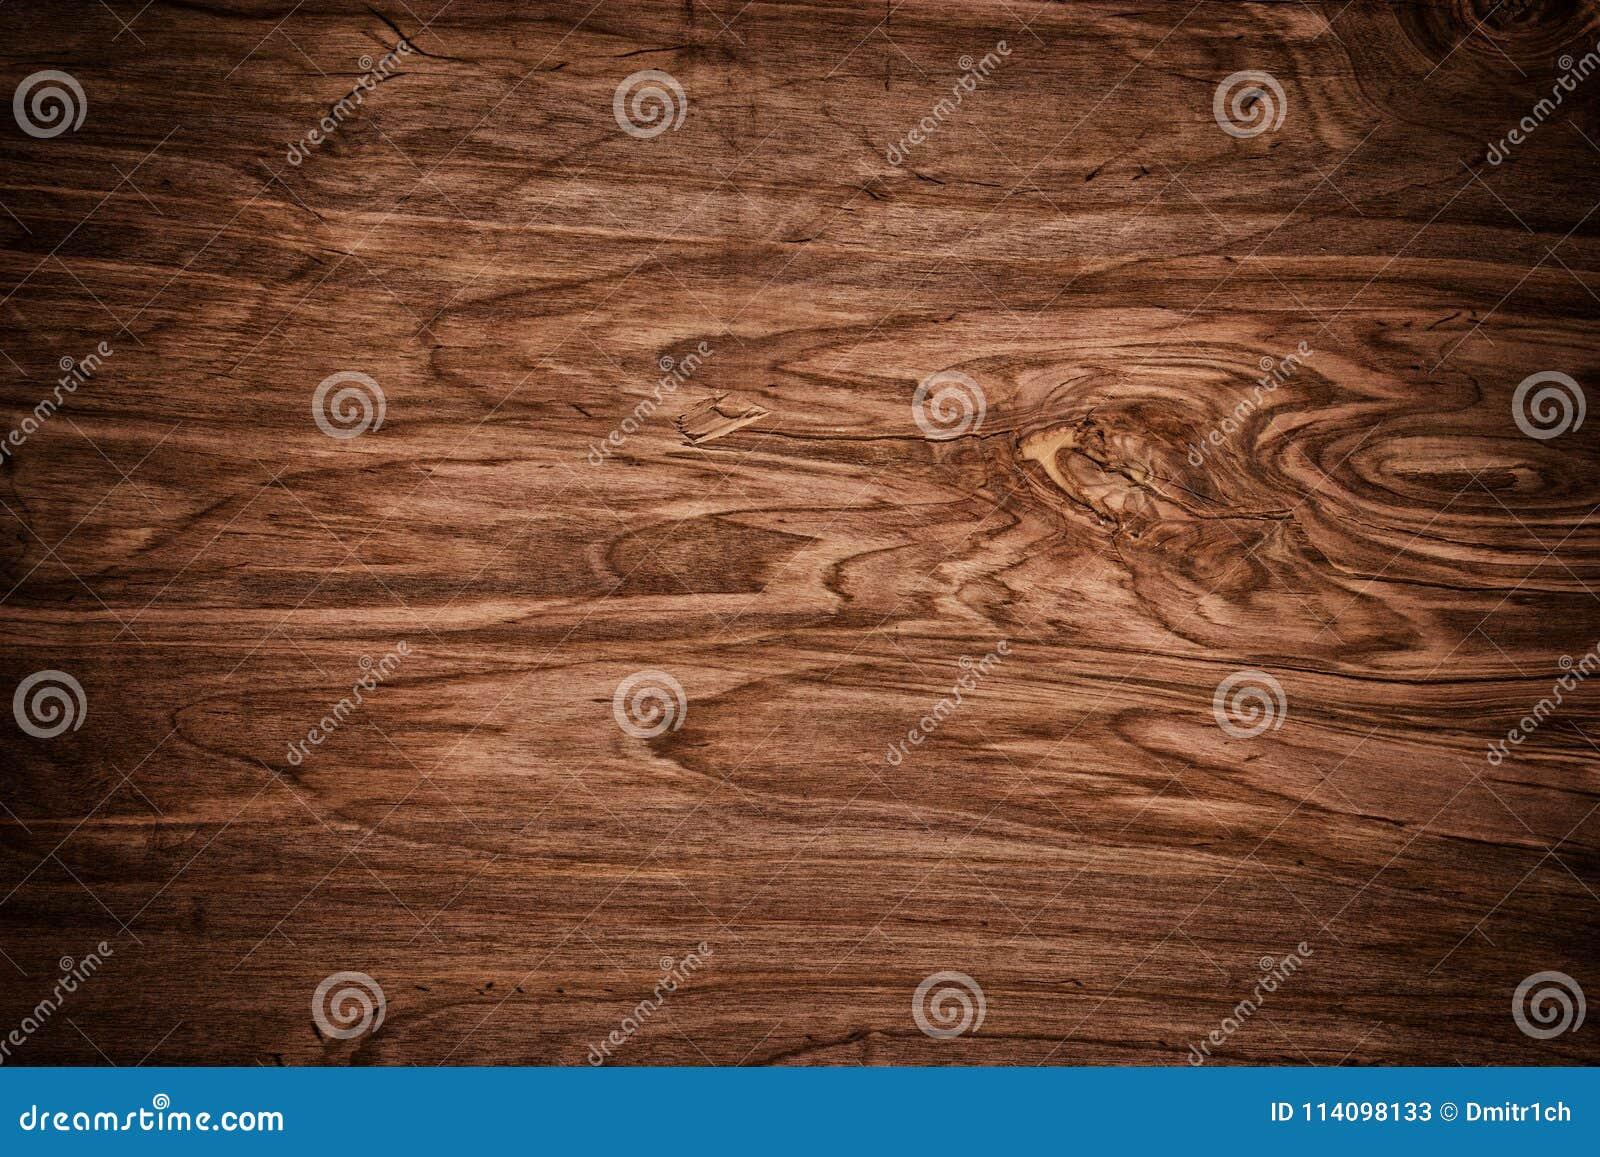 Download Rustic Dark Wooden Floor Board Texture Background Stock Image